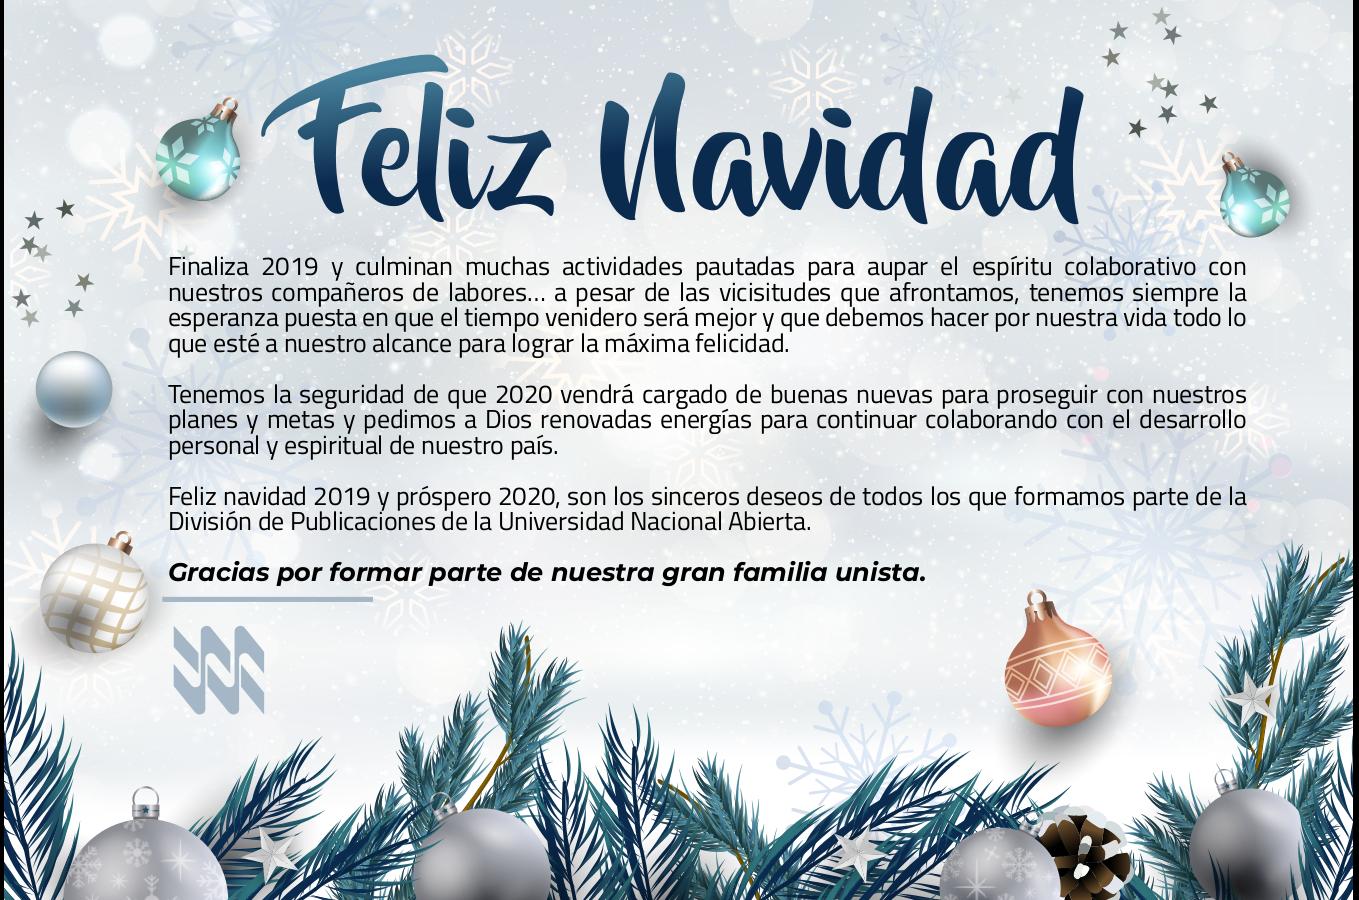 Feliz Navidad les desea la División de Publicaciones